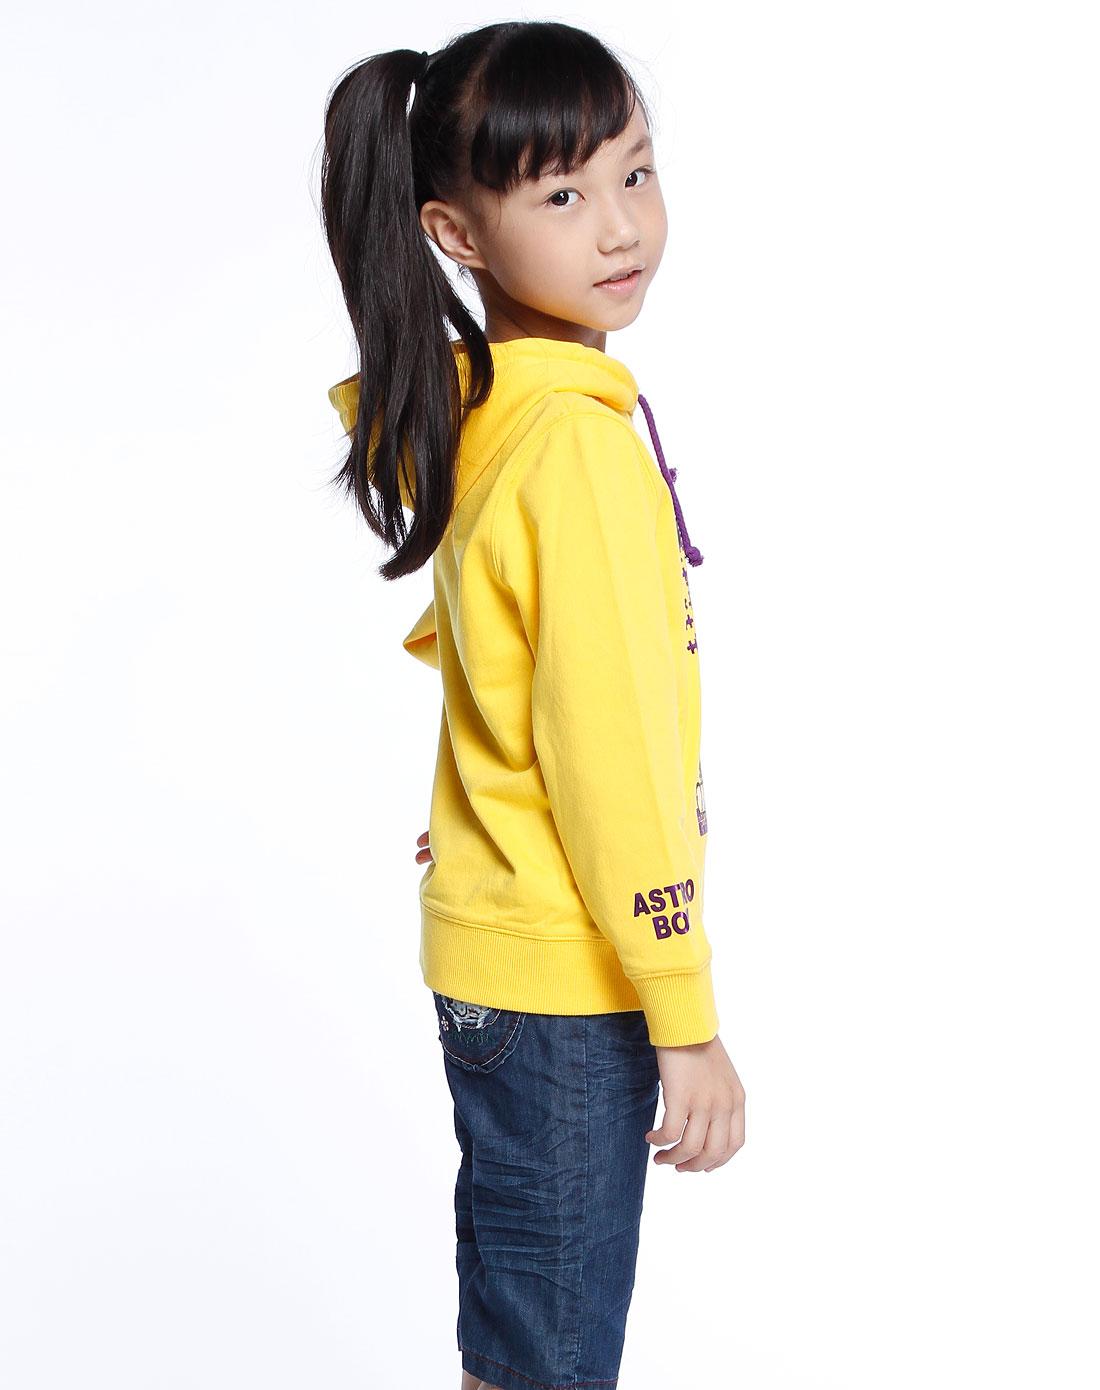 阿童木astro boy 女童黄色印图时尚长袖连帽卫衣